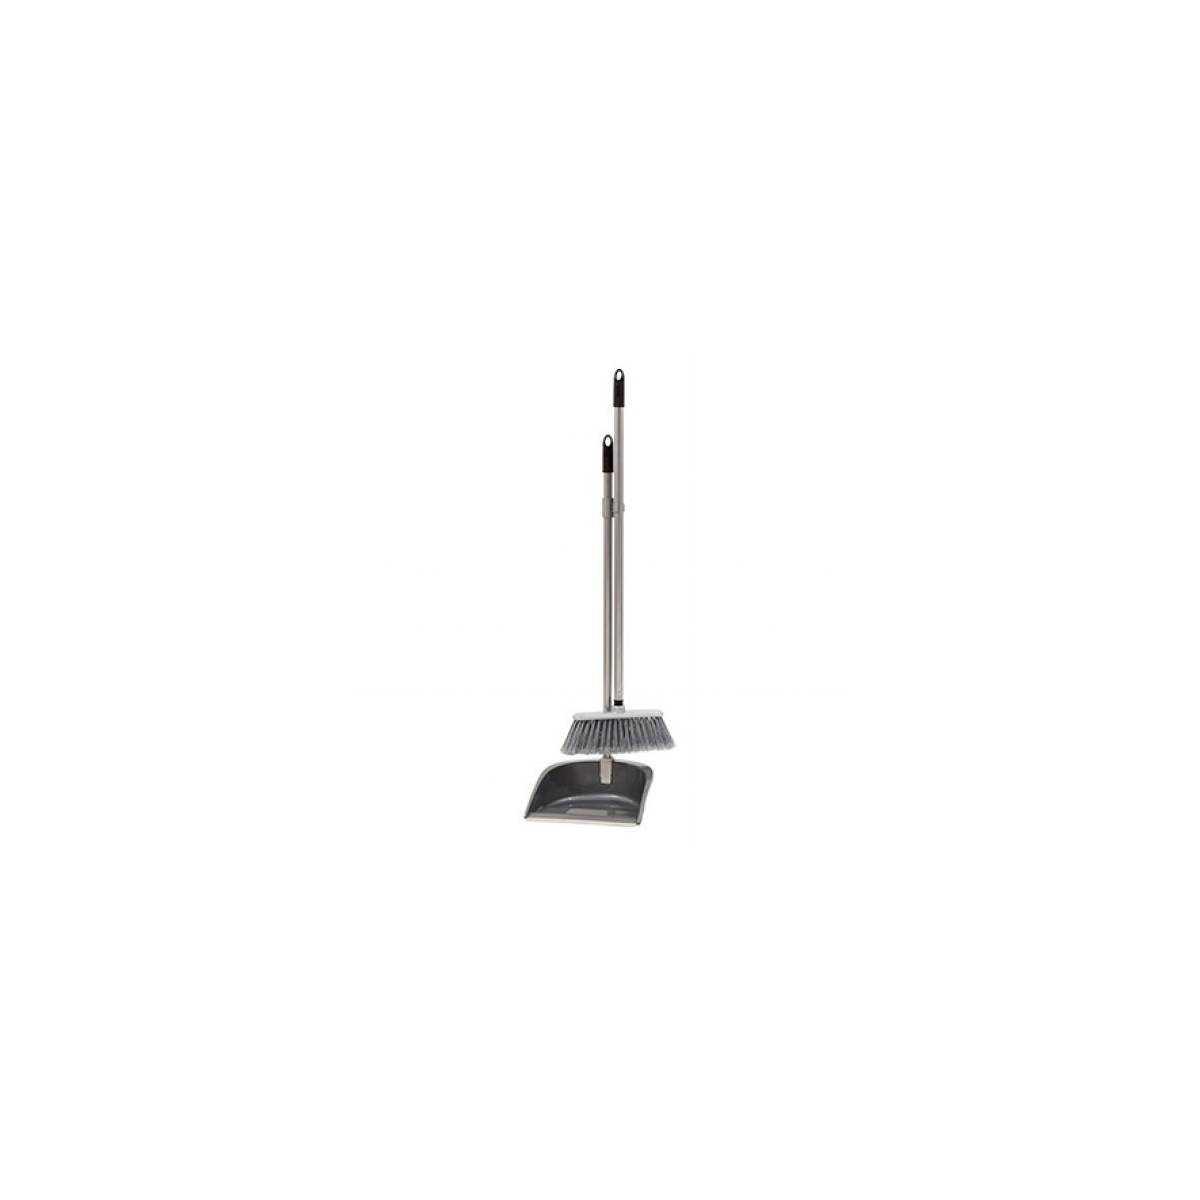 Набор для уборки совок серий + щетка EASY 12.00795.0012.12.071 GREY APEX - Fratelli Re SpA